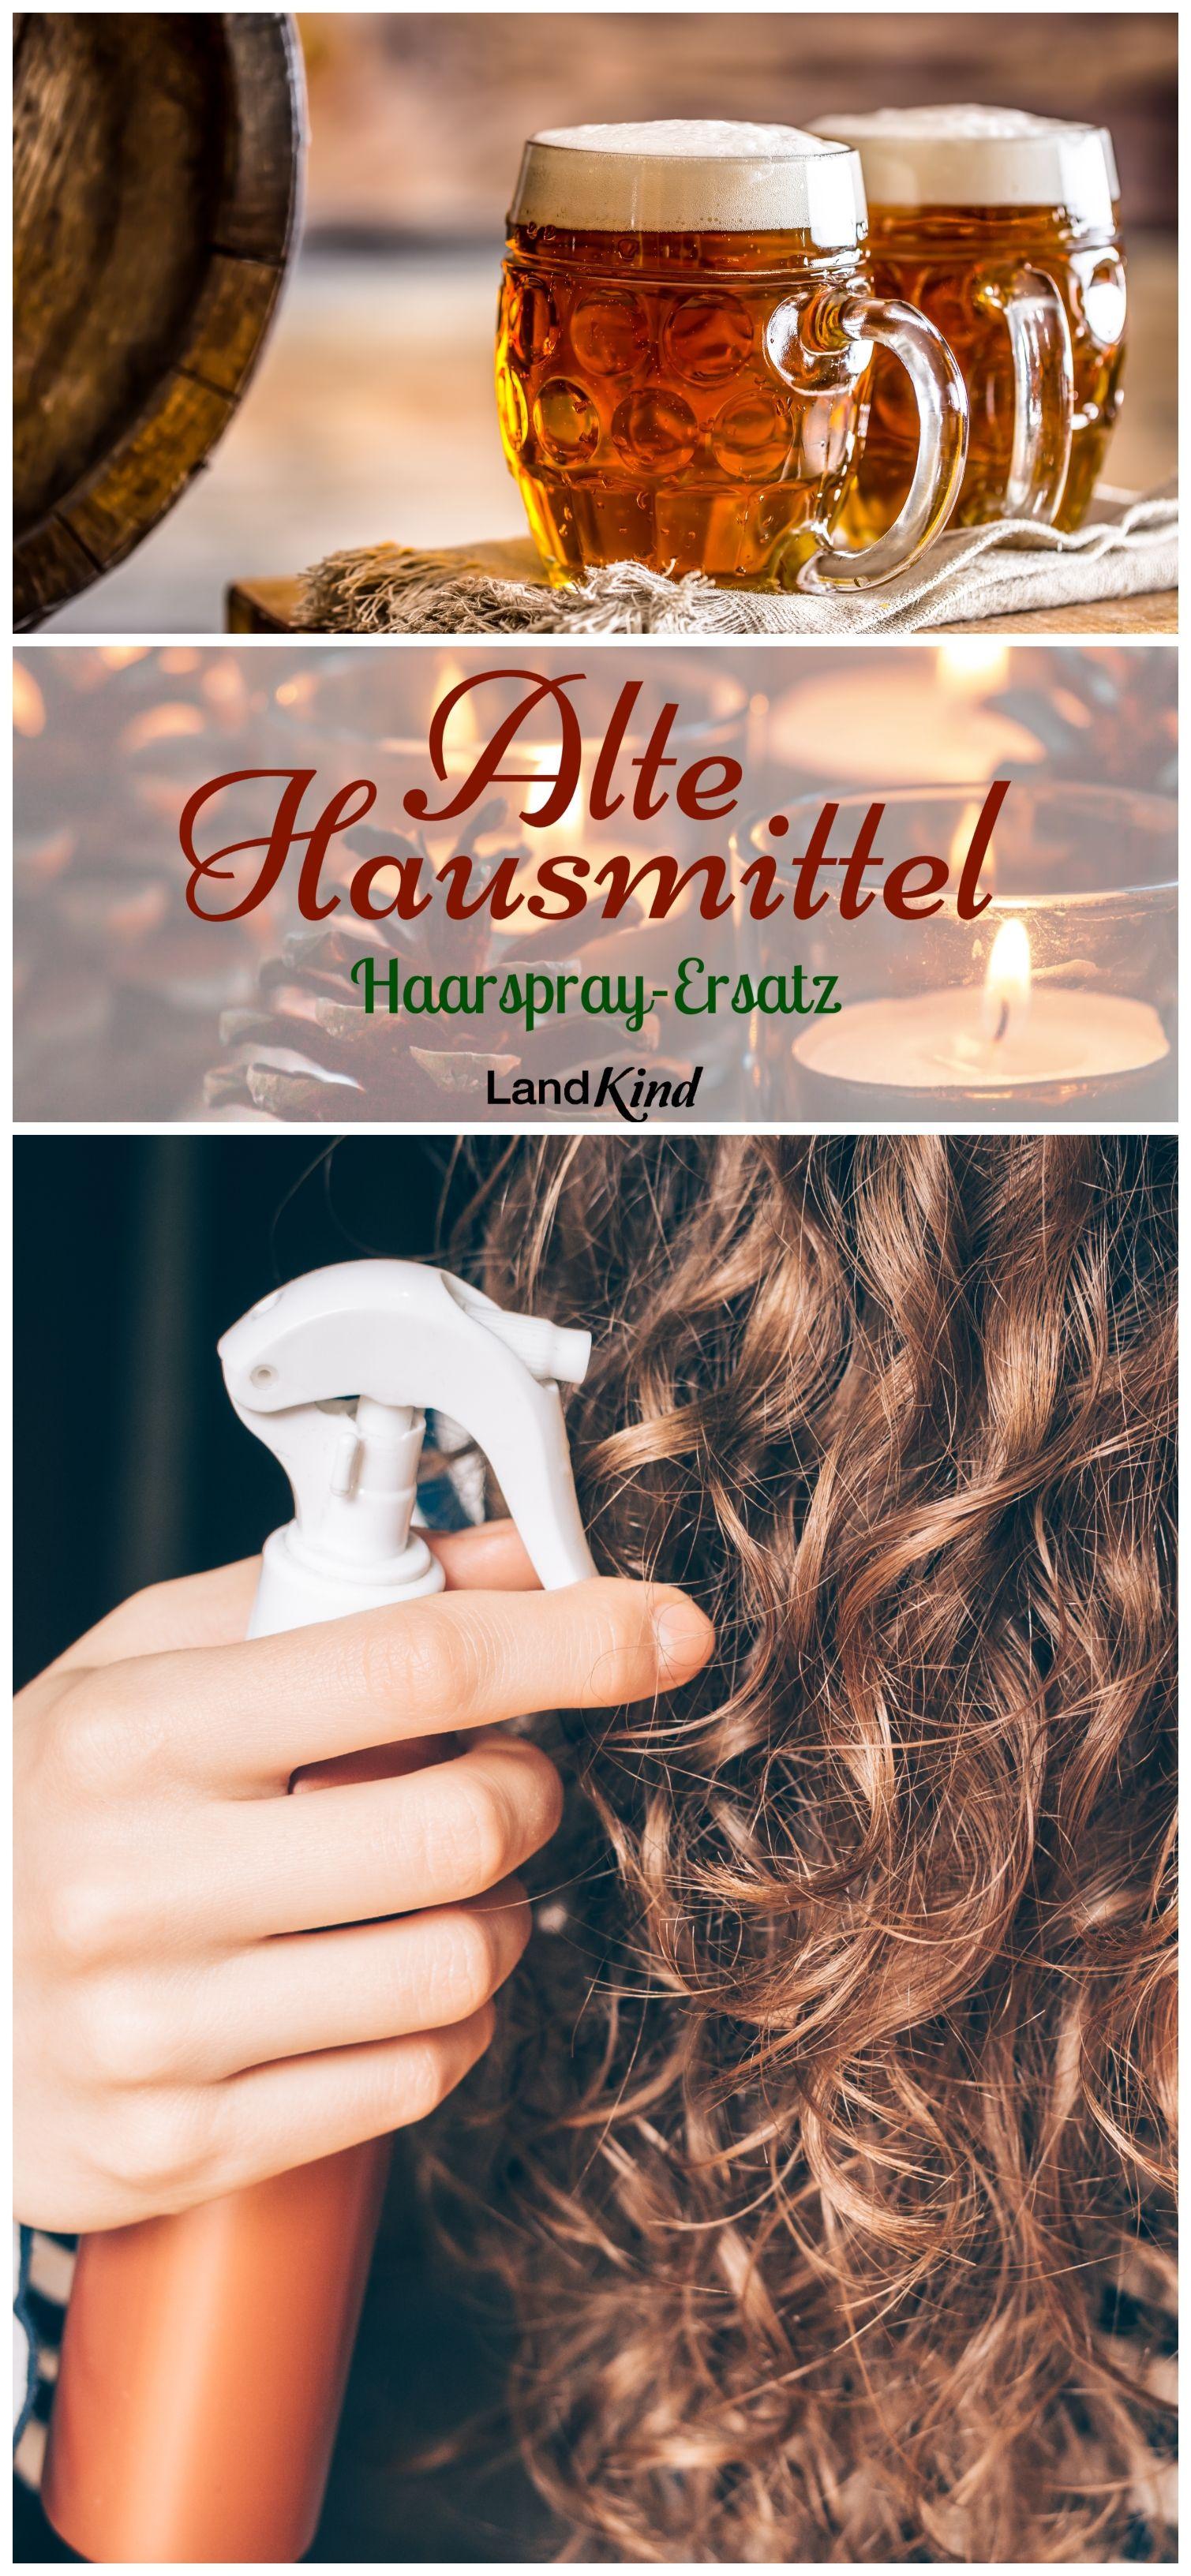 Das Haarspray ist alle – genau dann, wenn man es am dringendsten braucht. Als … – LandKind Magazin